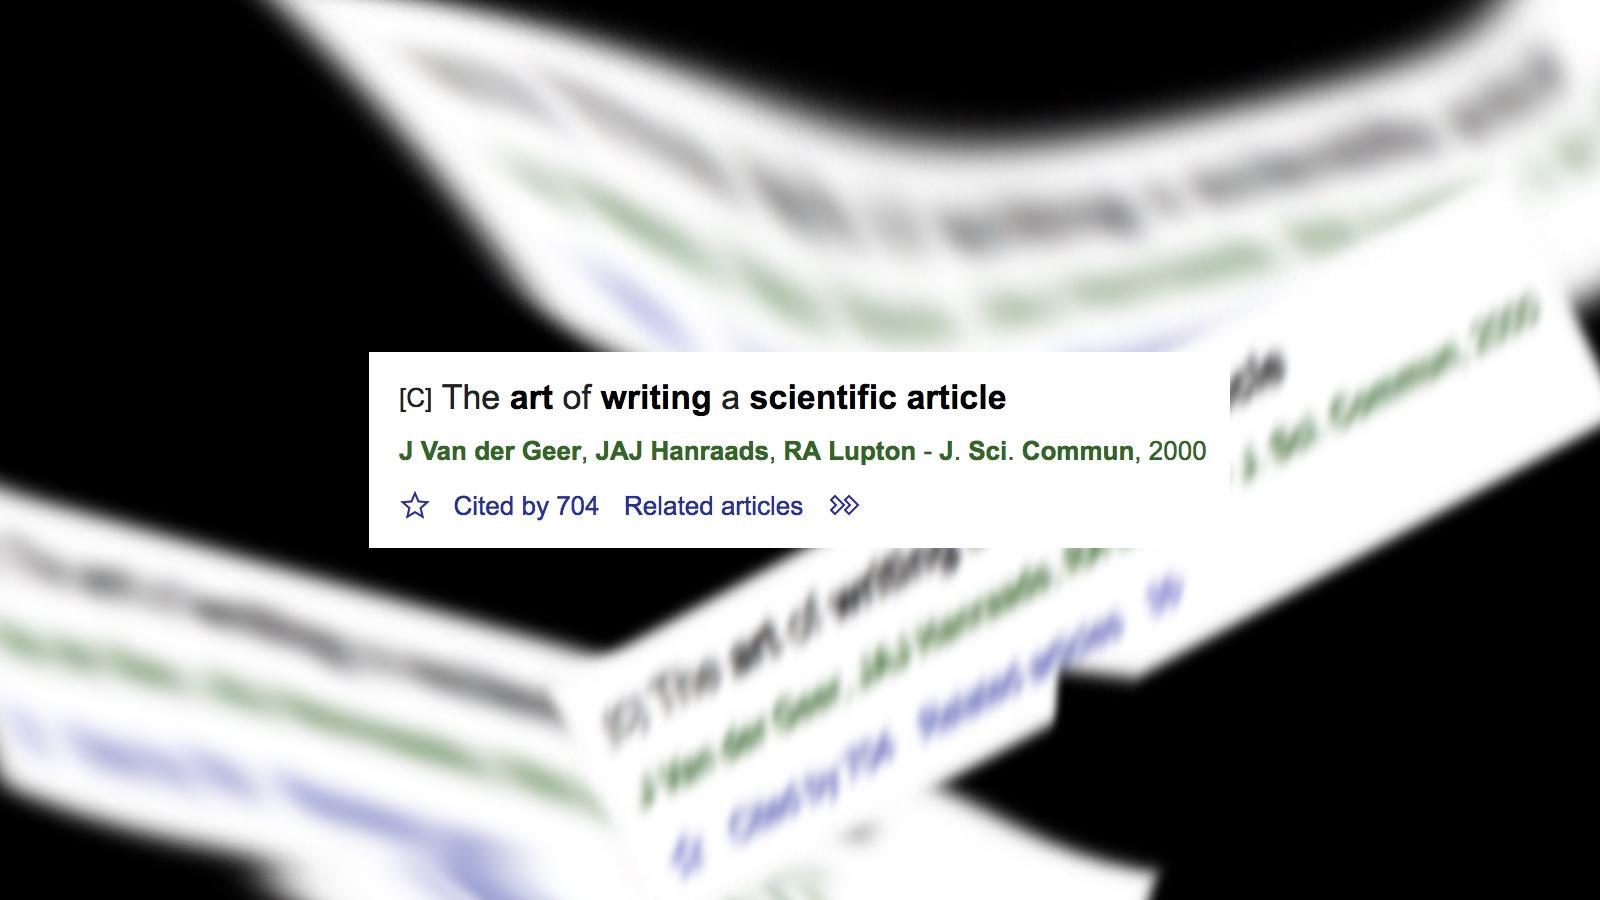 Научный журнал отозвал сразу 434 научные статьи